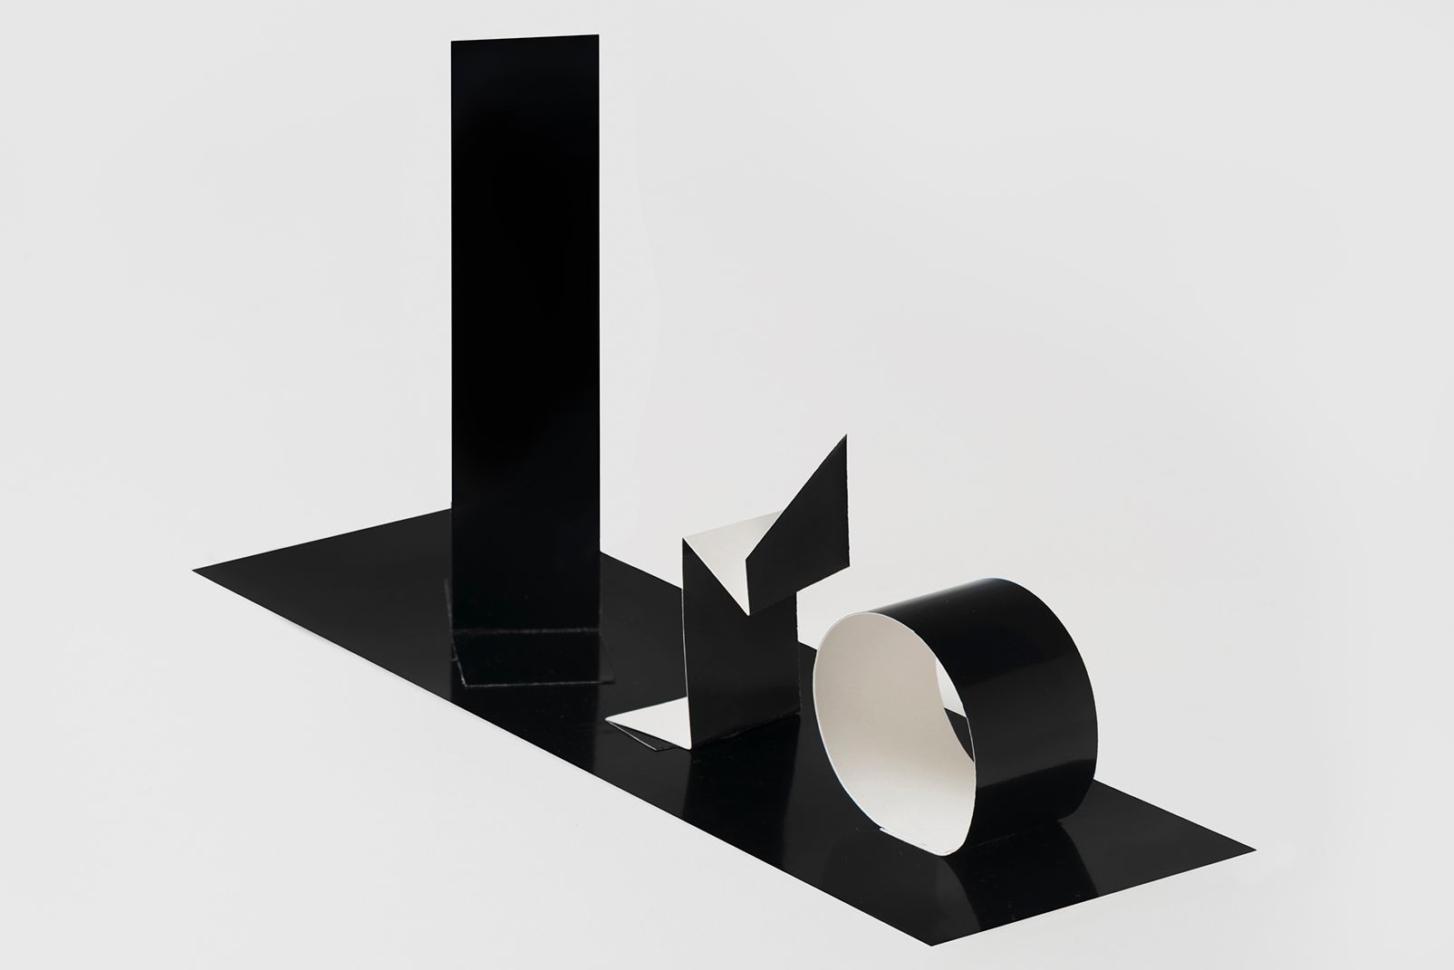 Květa Pacovská, Paper Sculpture, Black and White, 1970s